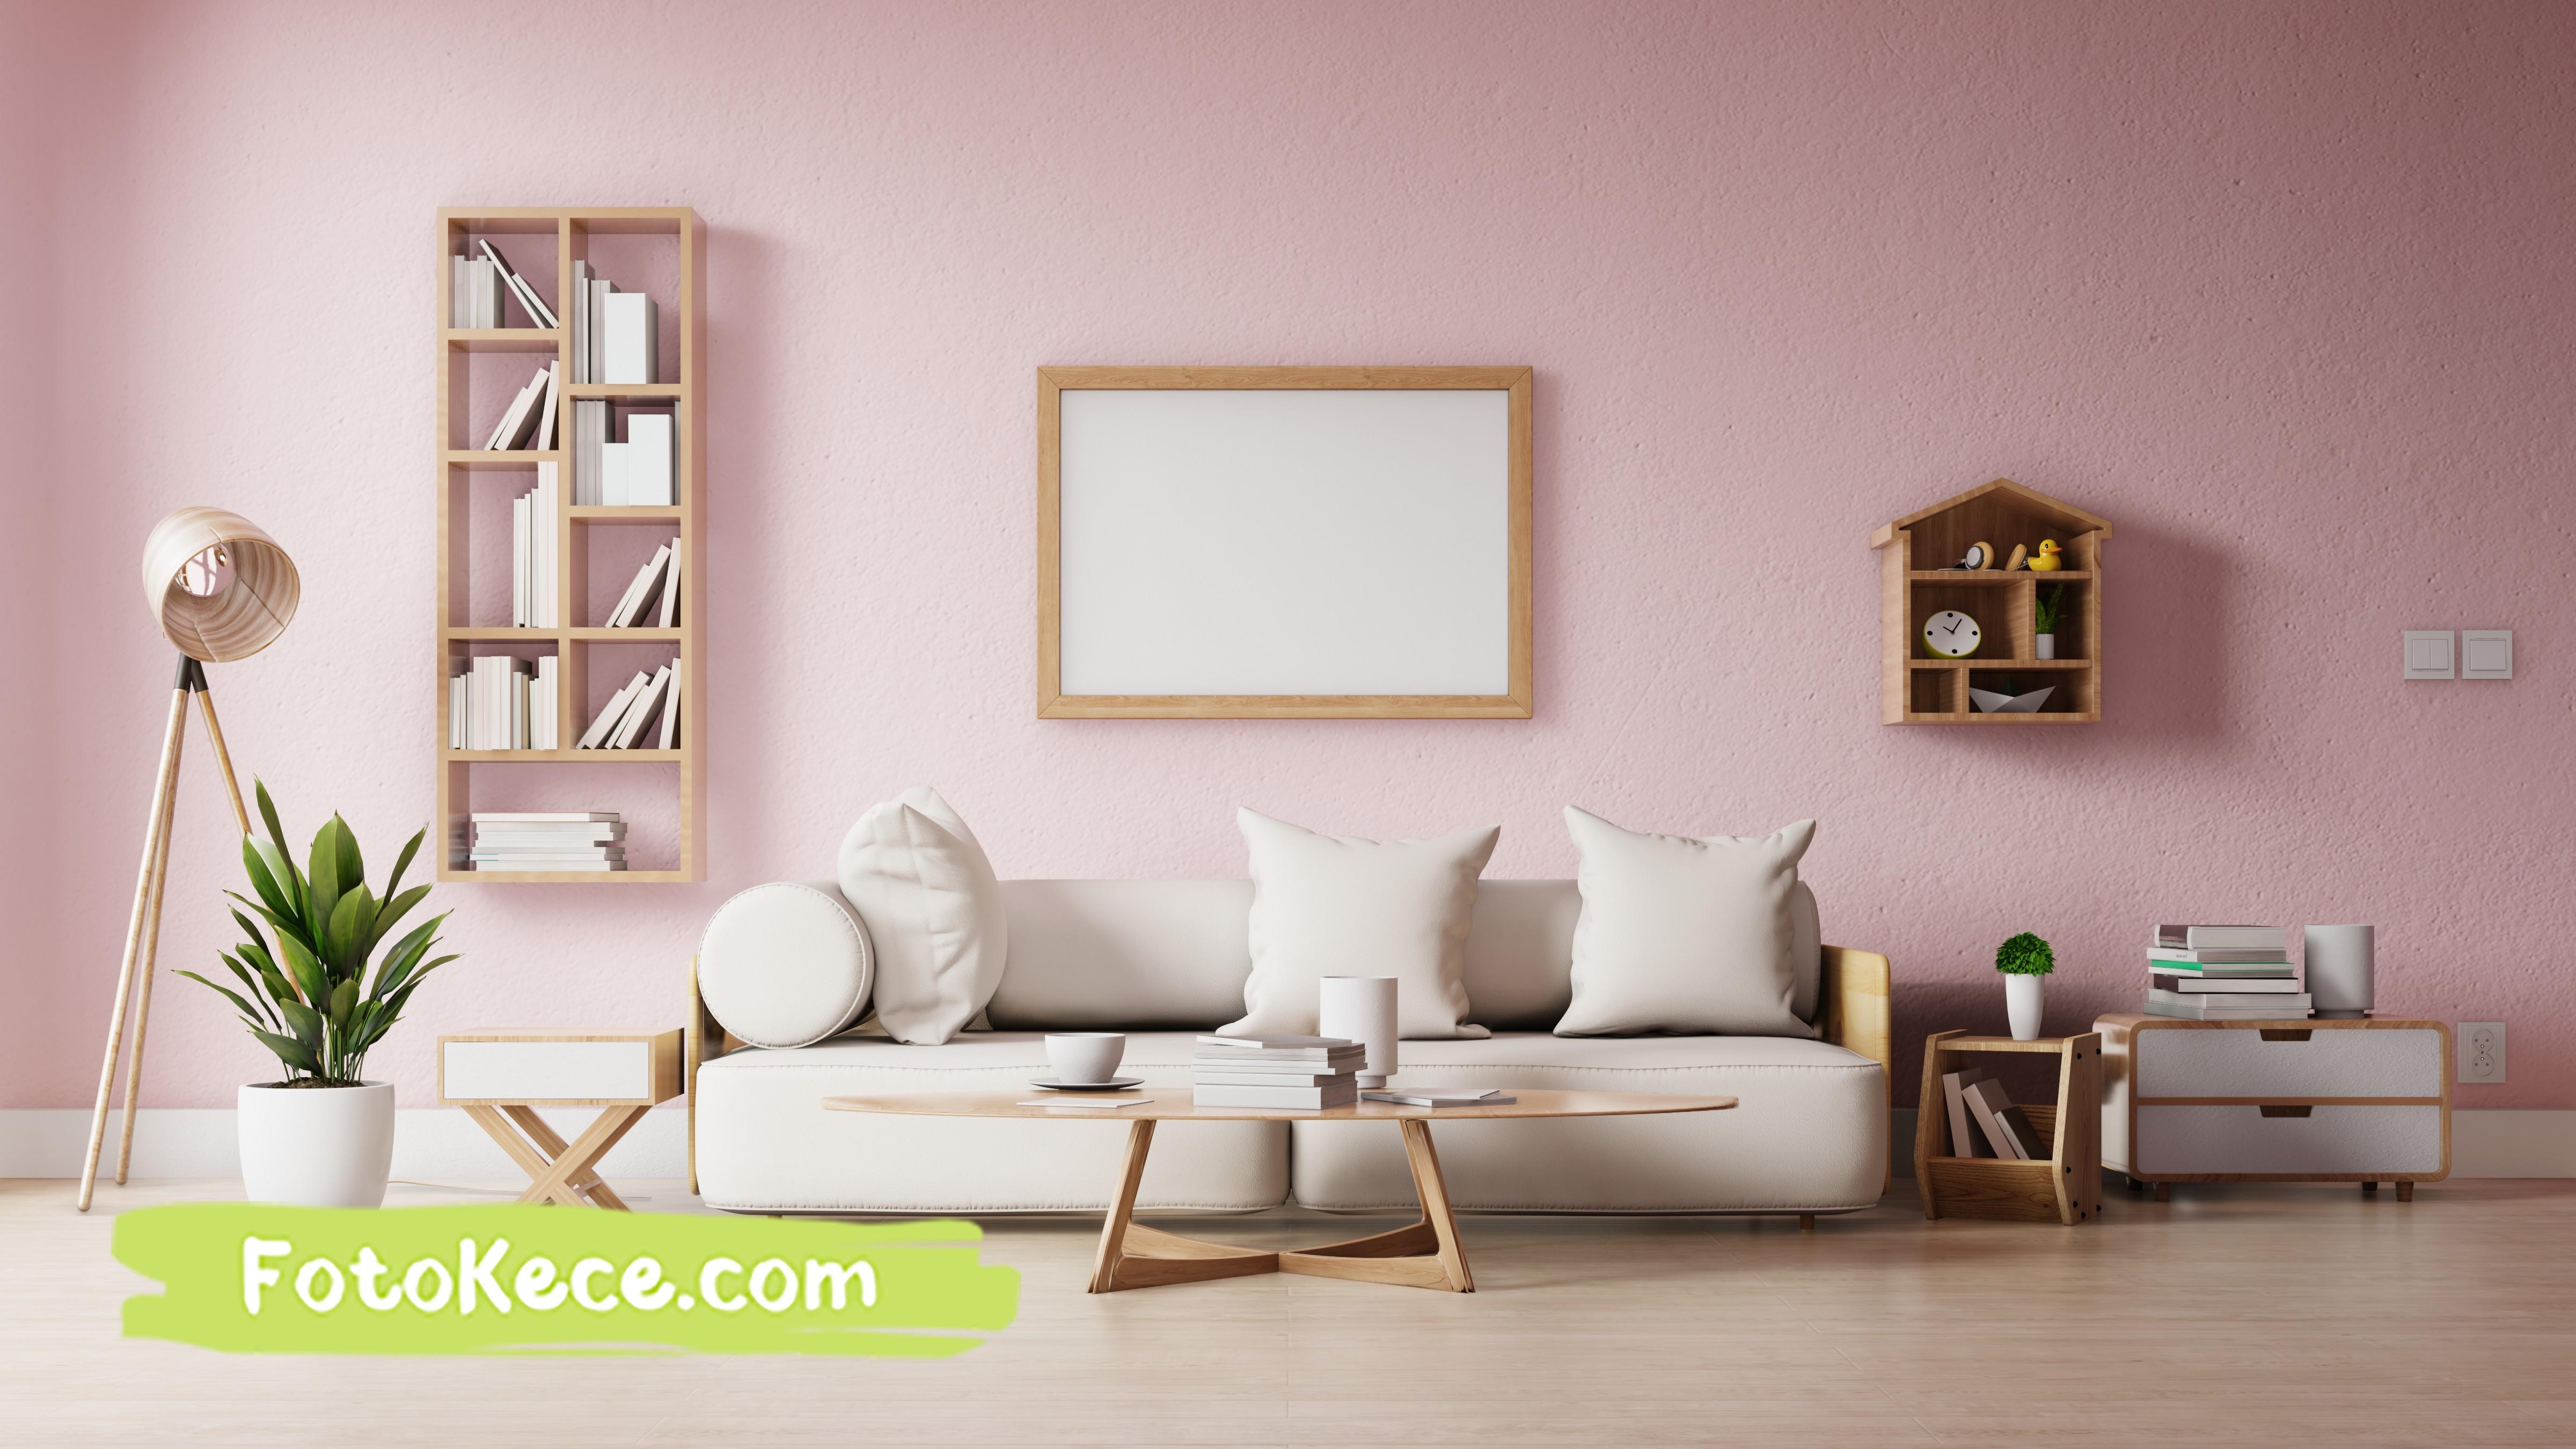 ruang modern ruang dengan poster dinding kosong foto kece